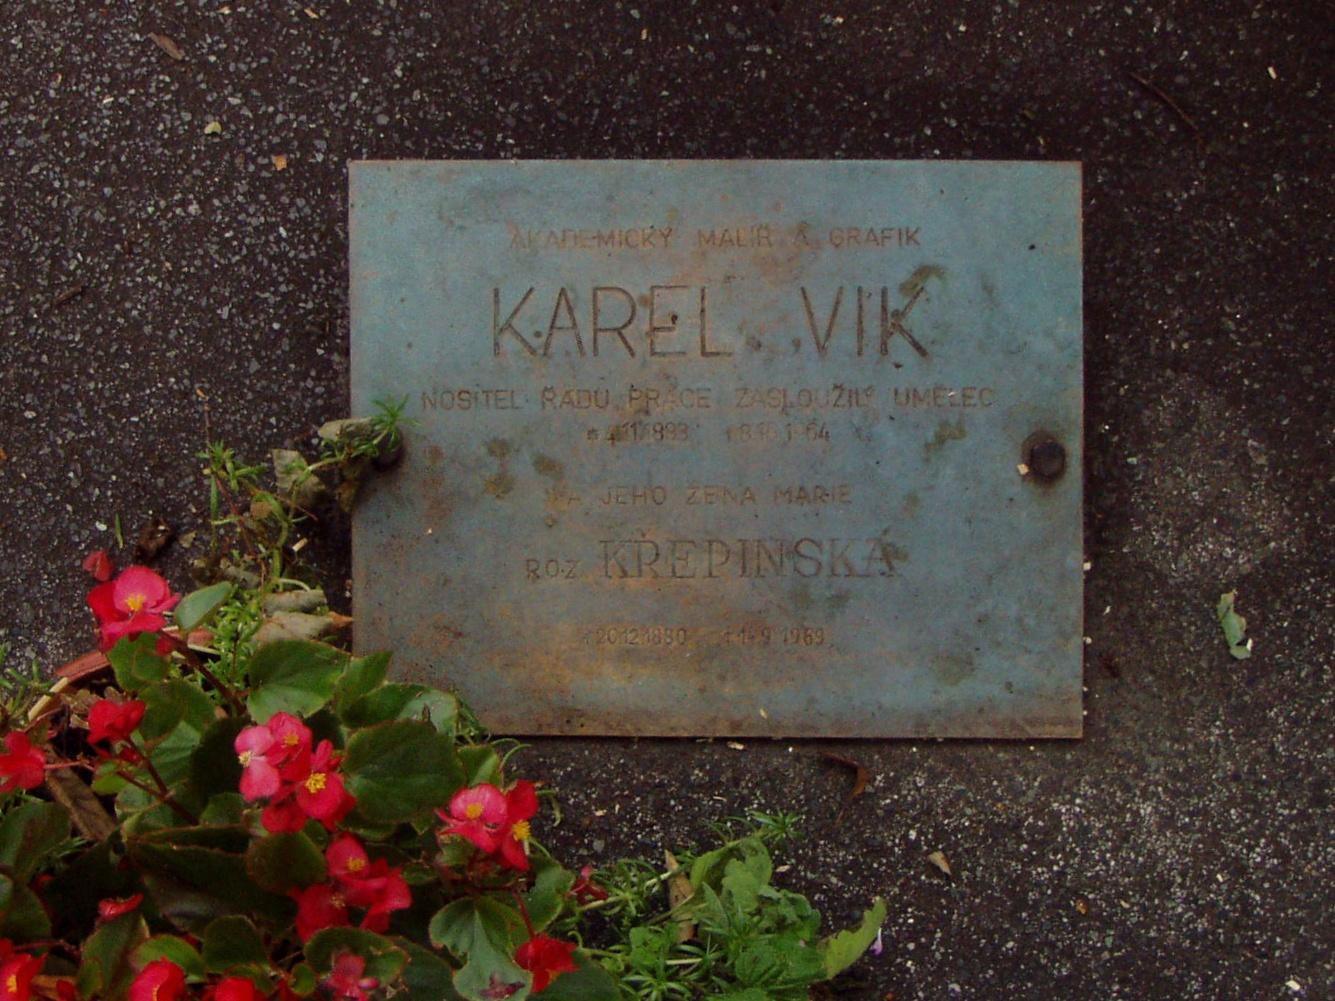 Karel Vik